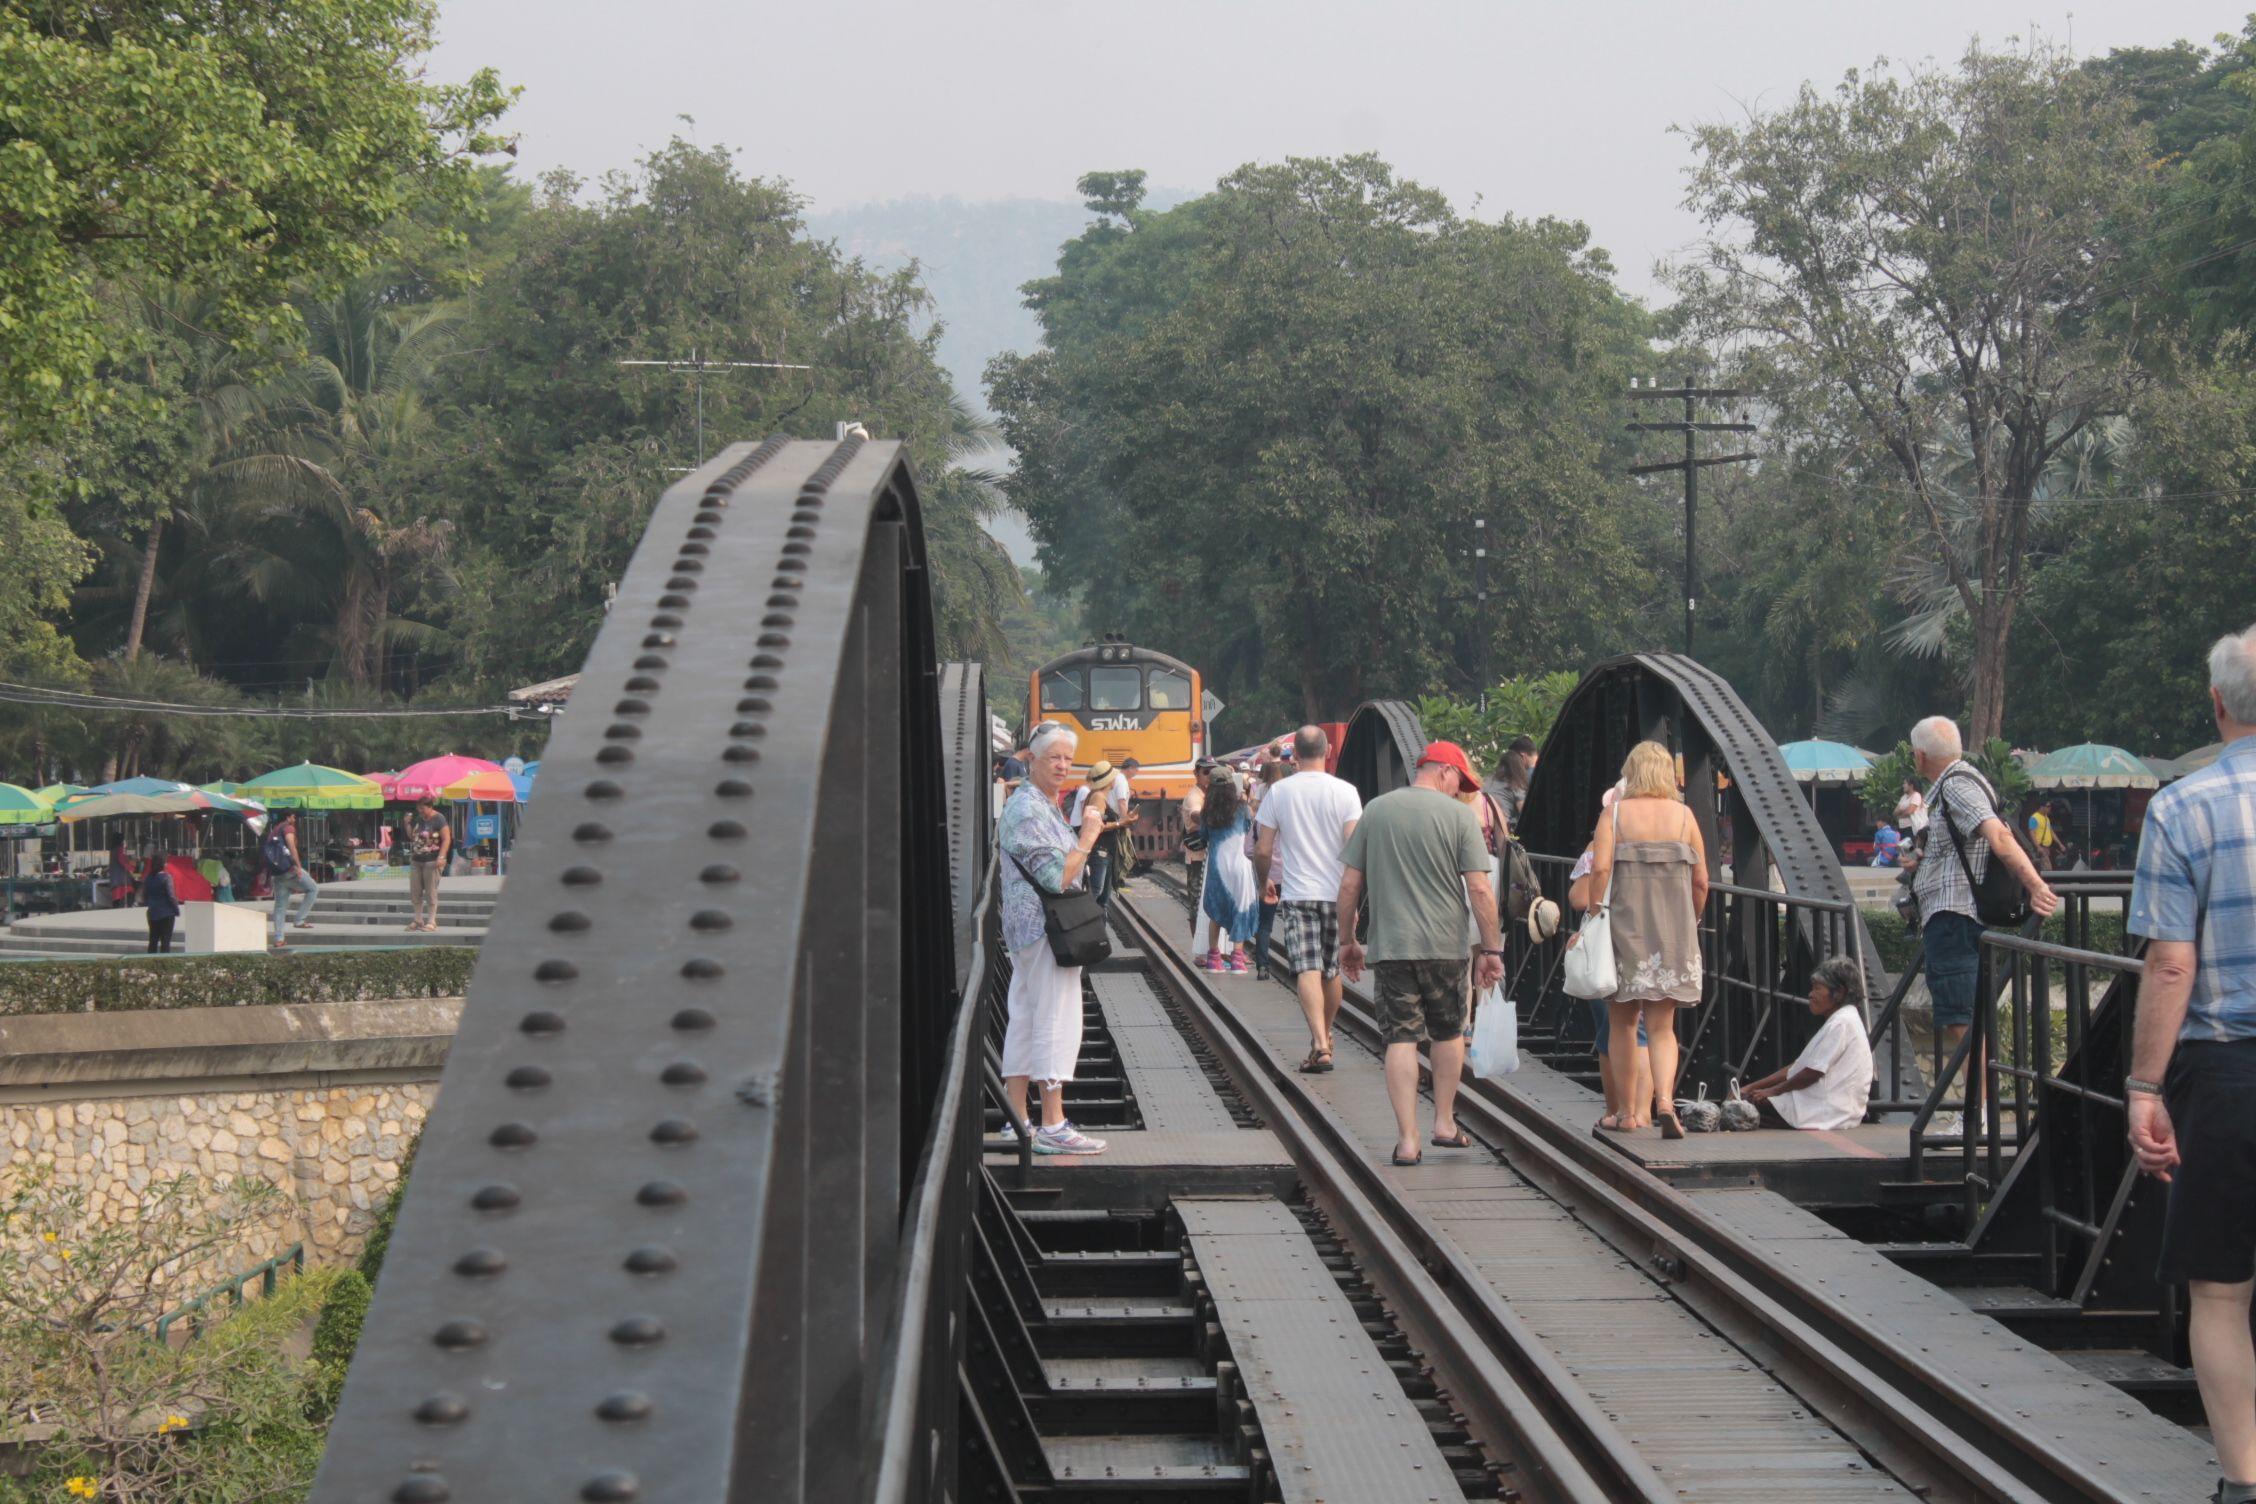 El tren esperando a que se aparten los turistas